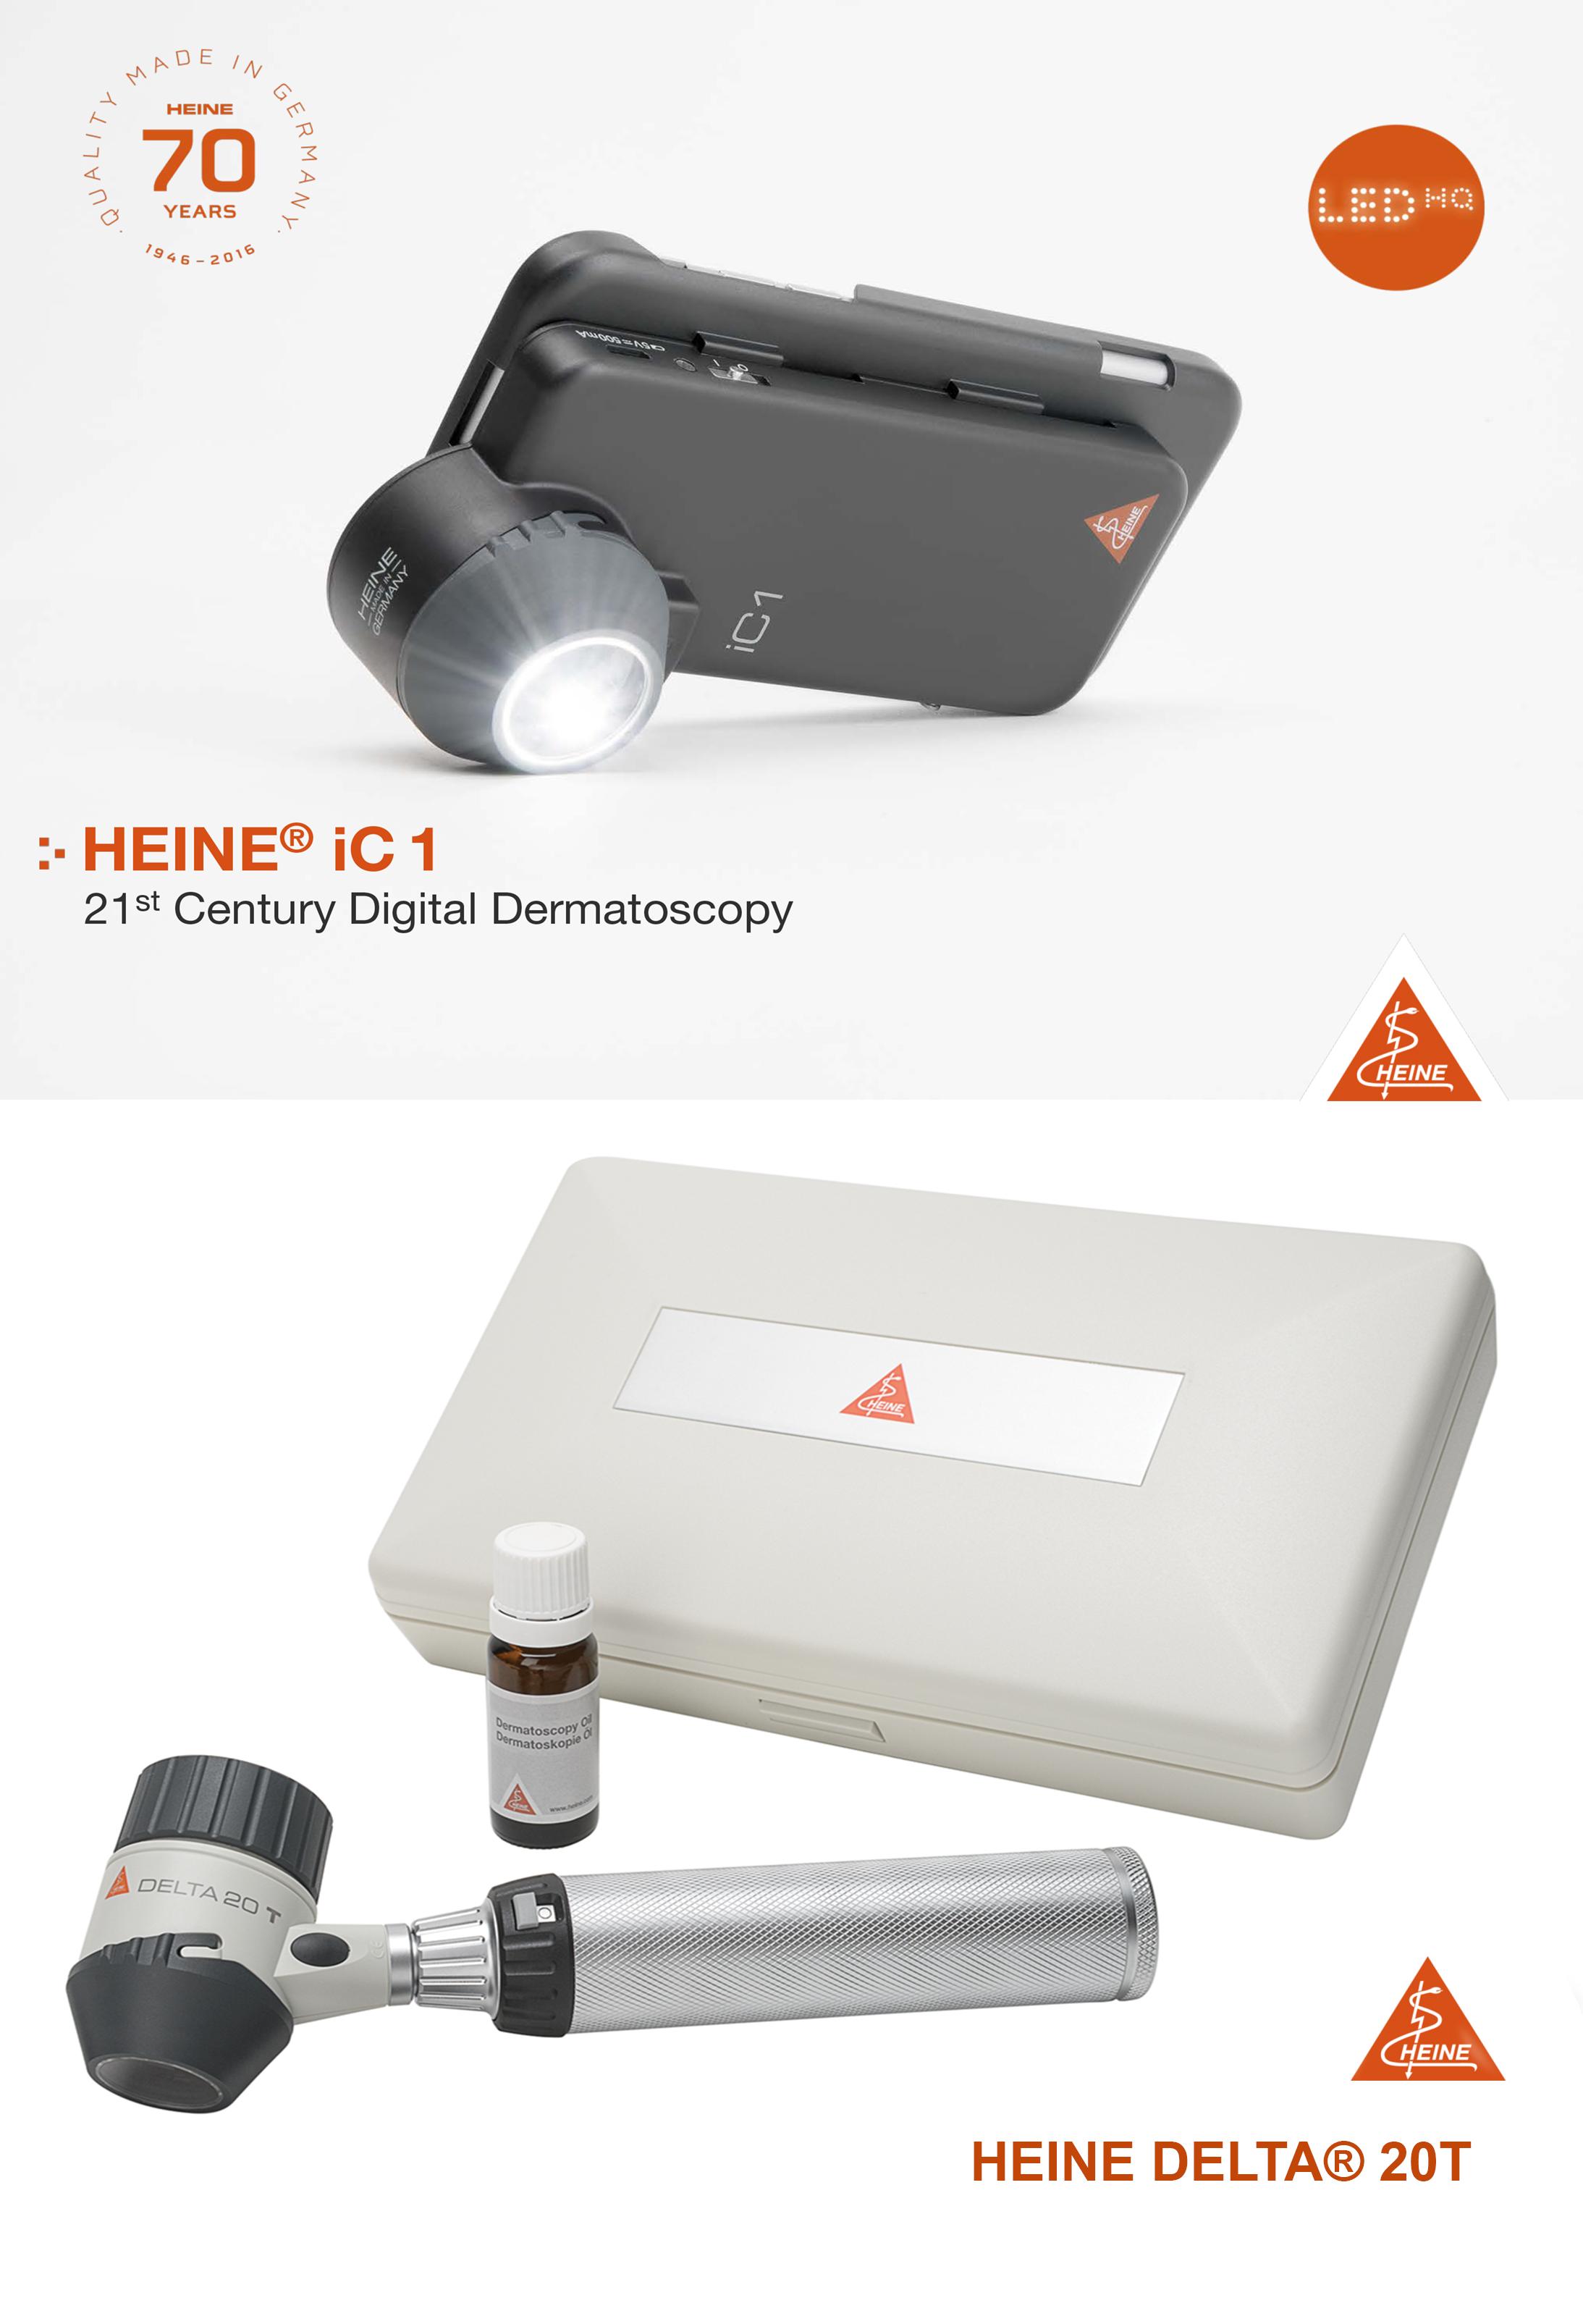 Heine Dermatoscope - website